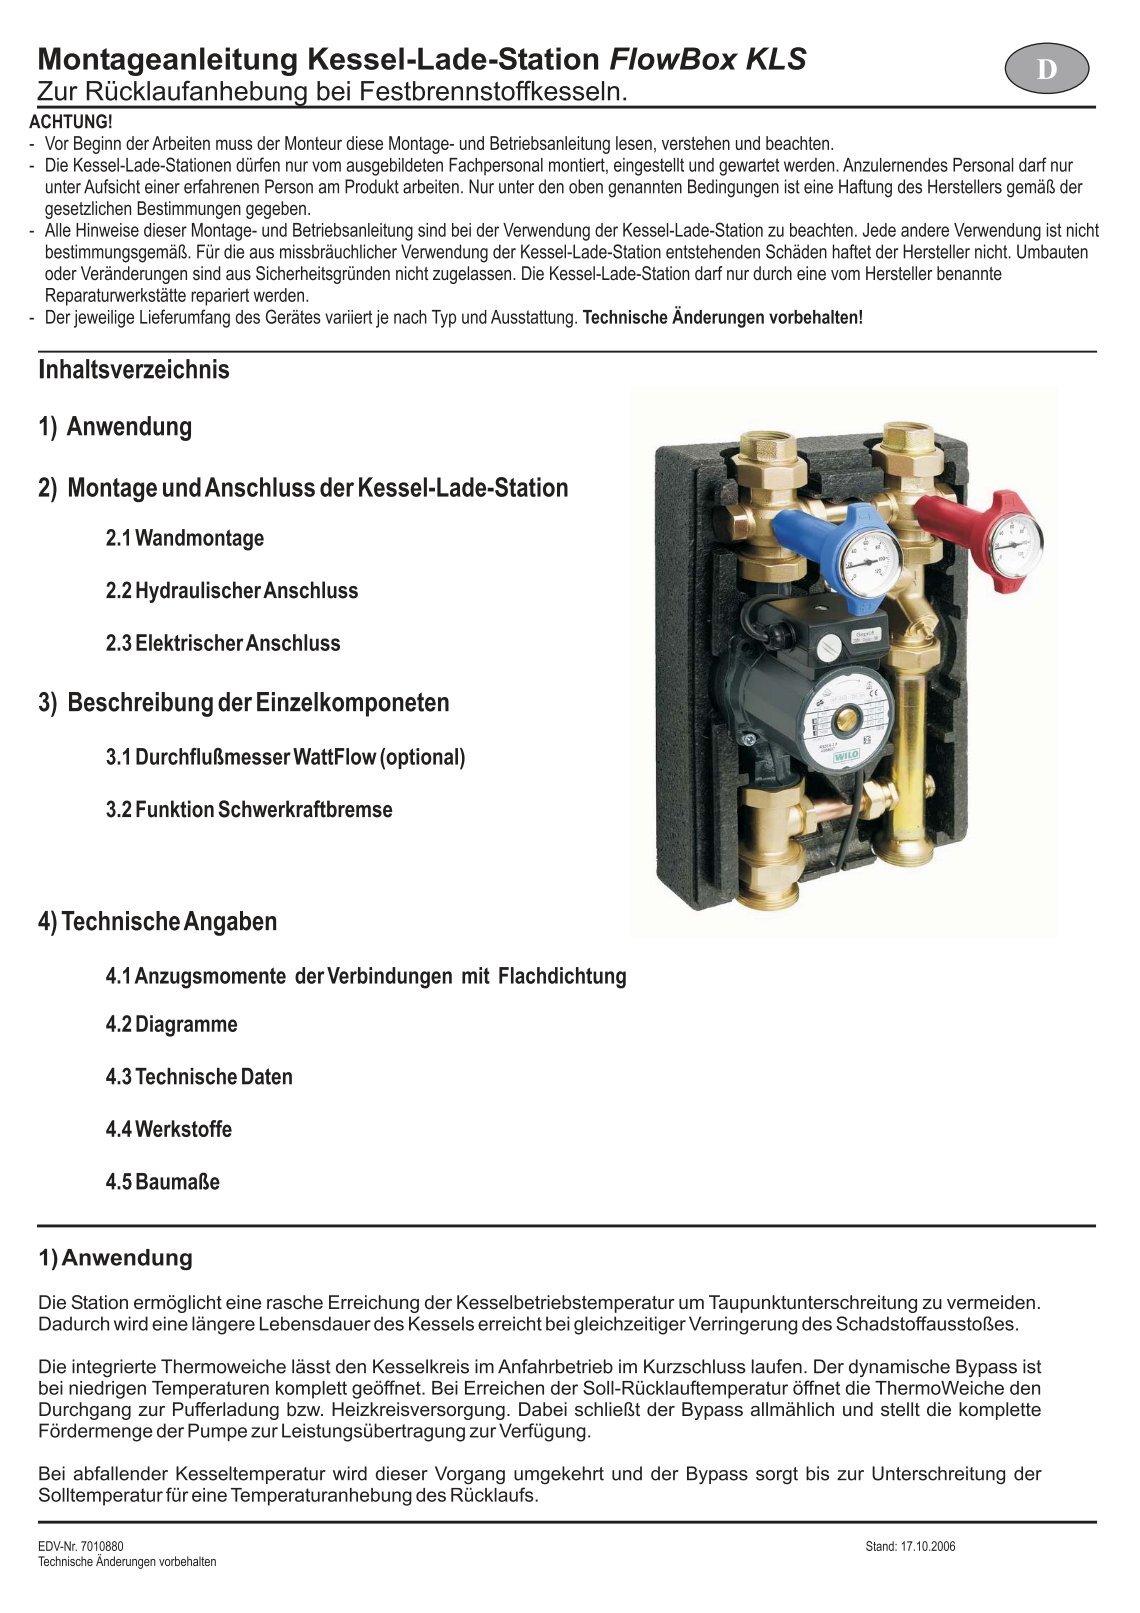 Schön Komponenten Eines Kessels Bilder - Der Schaltplan - triangre.info